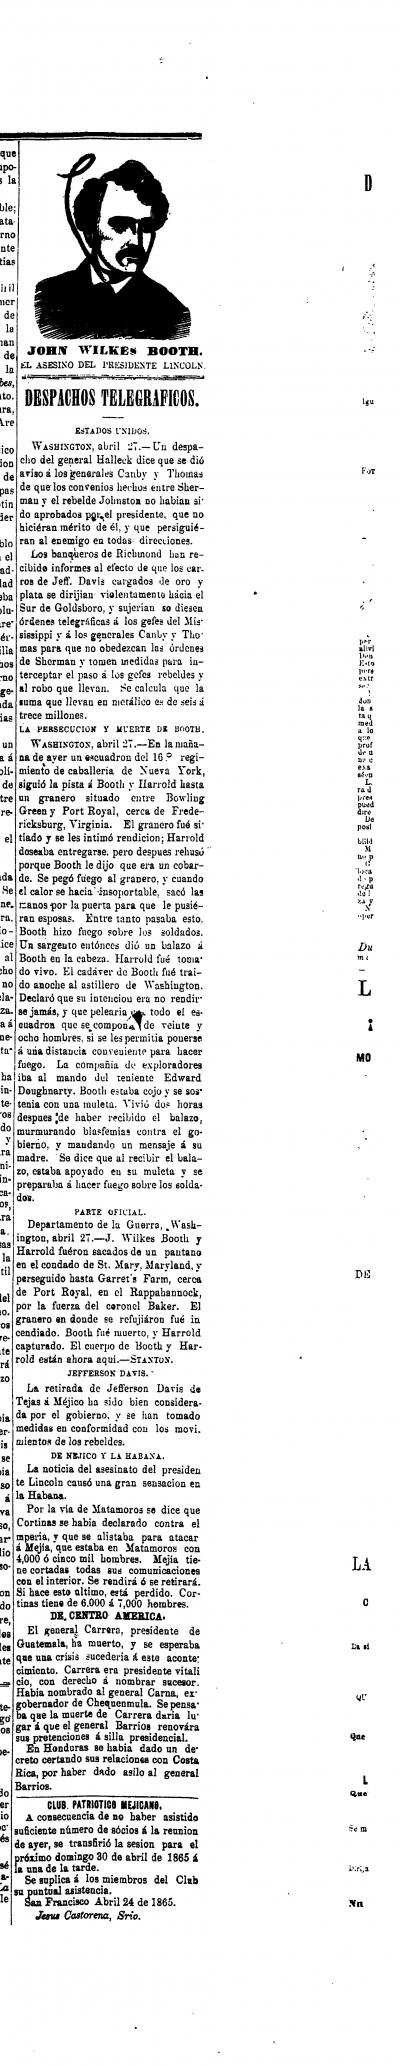 John Wilkes Booth, El Asesino Del Presidente Lincoln: Despatchos Telegraficos